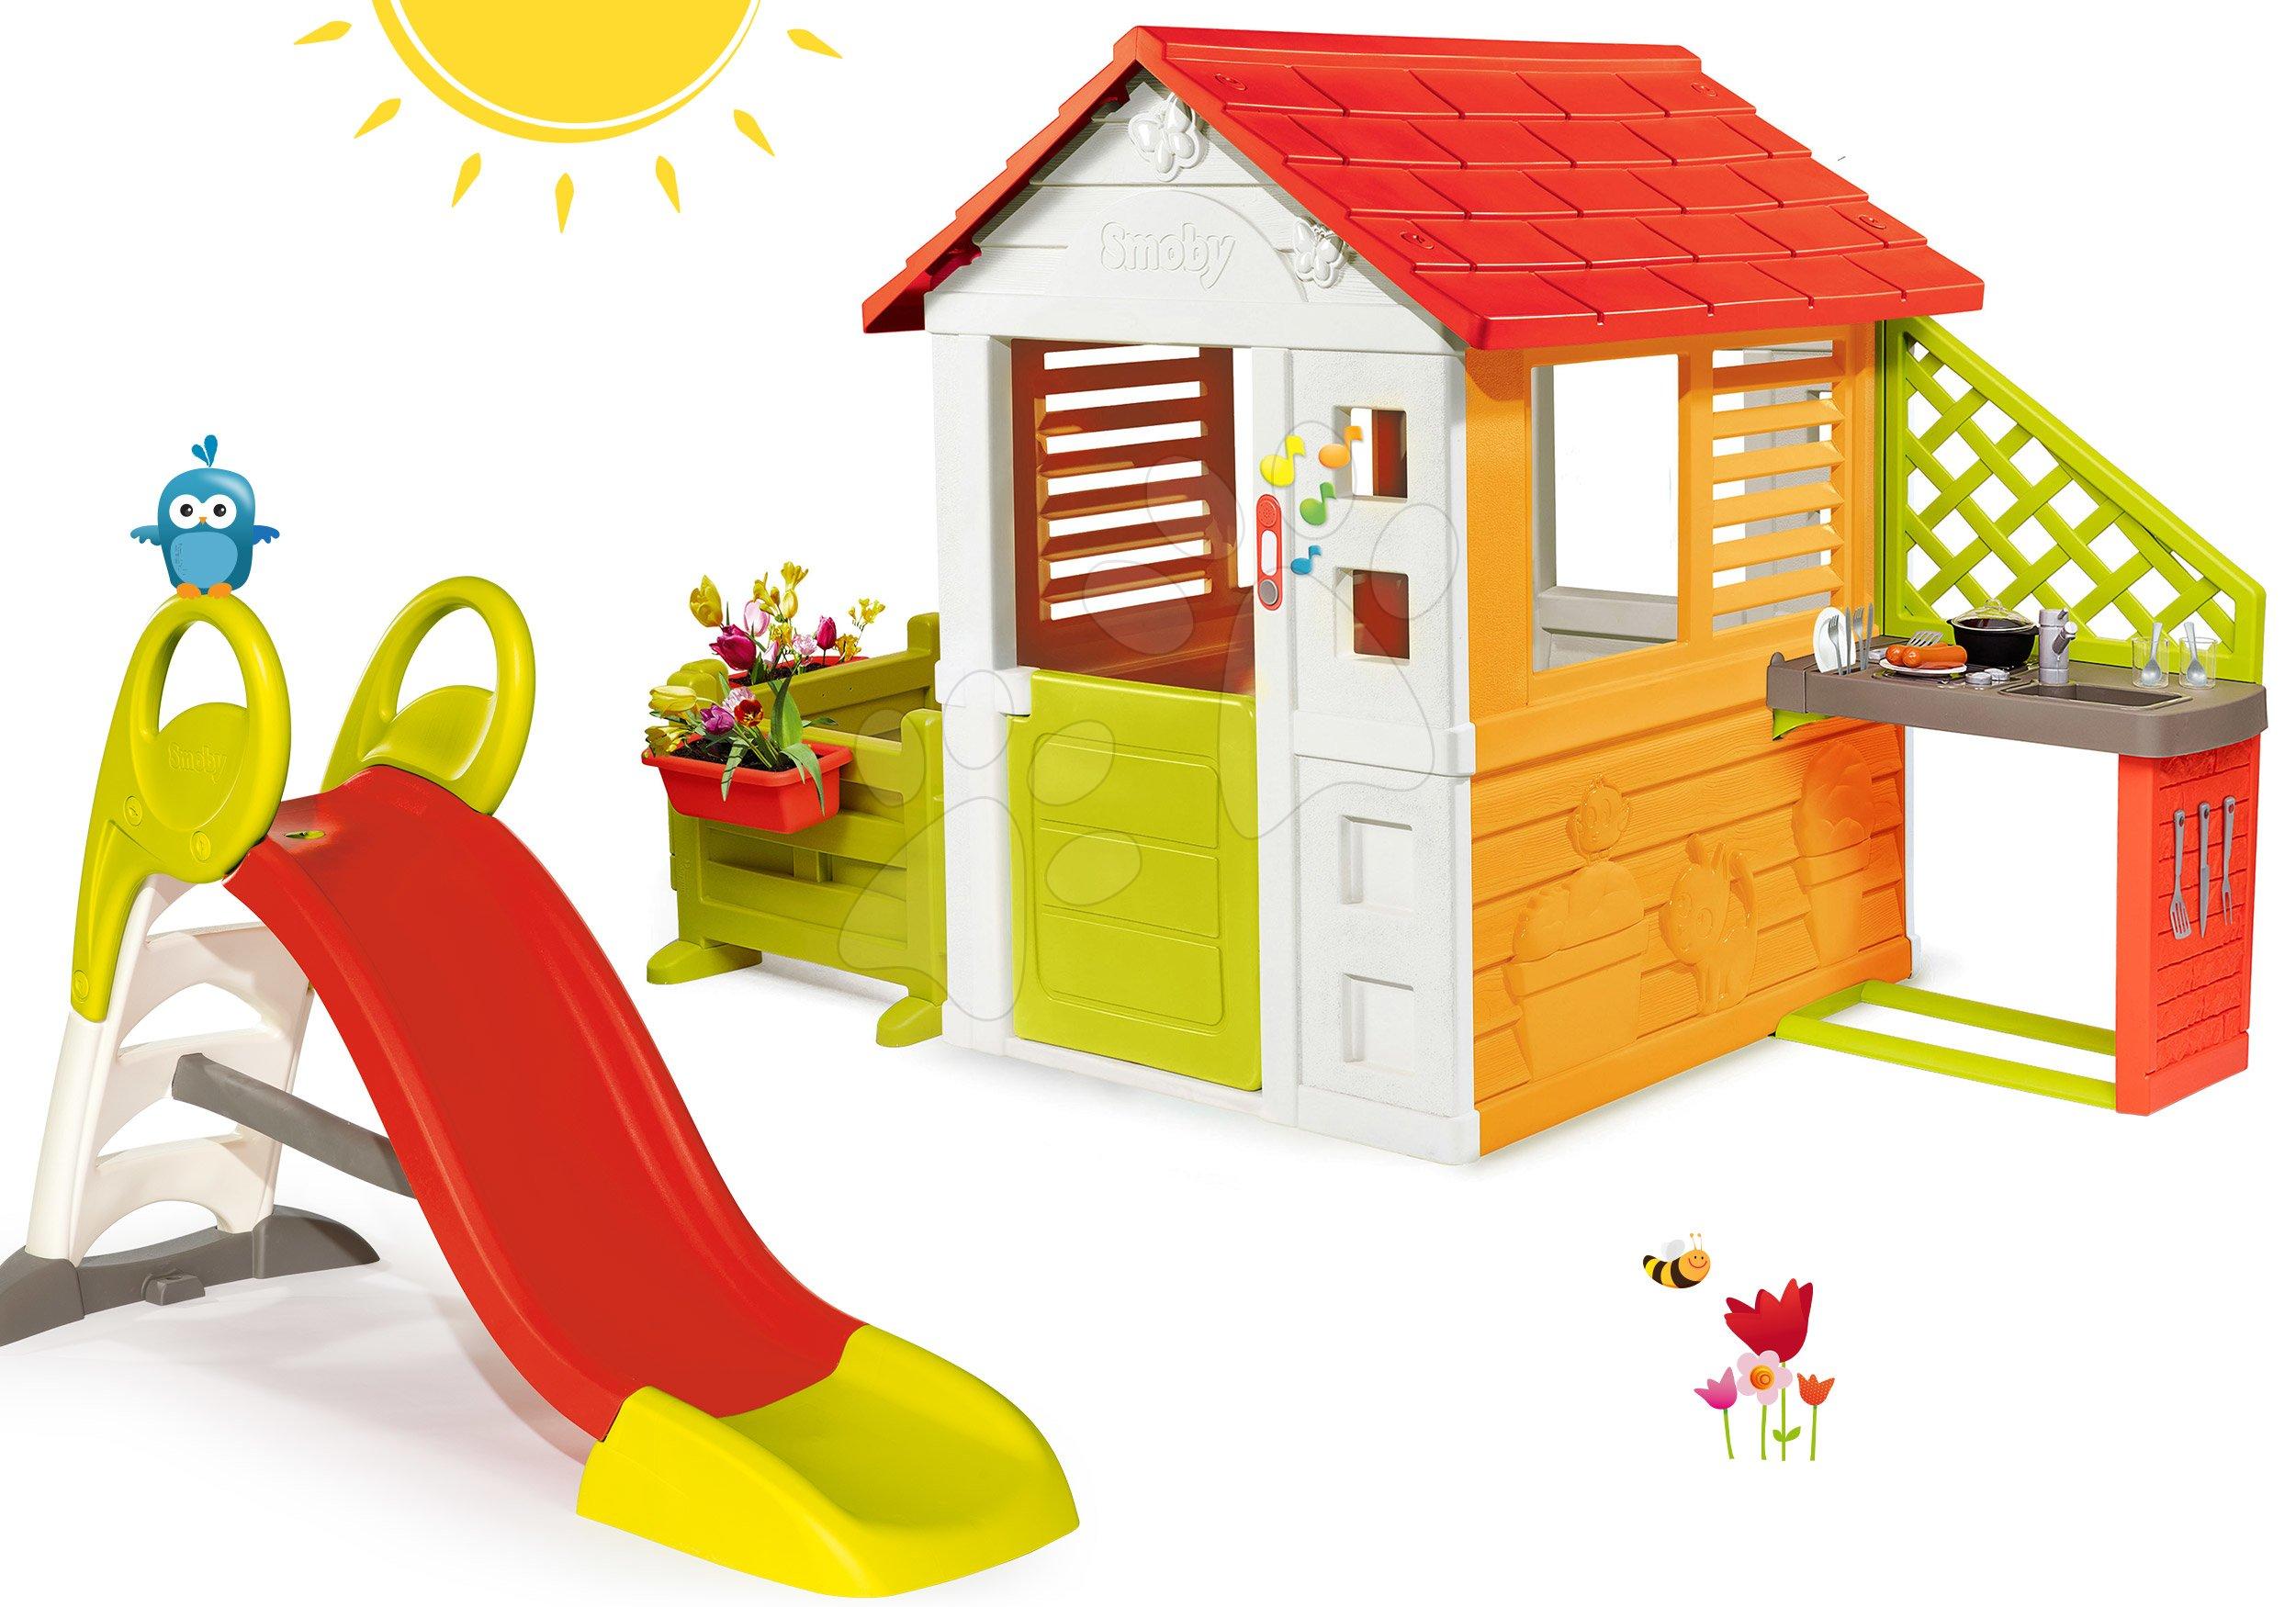 Set domeček Sluníčko Sunny Smoby s kuchyňkou a zahrádka se skluzavkou